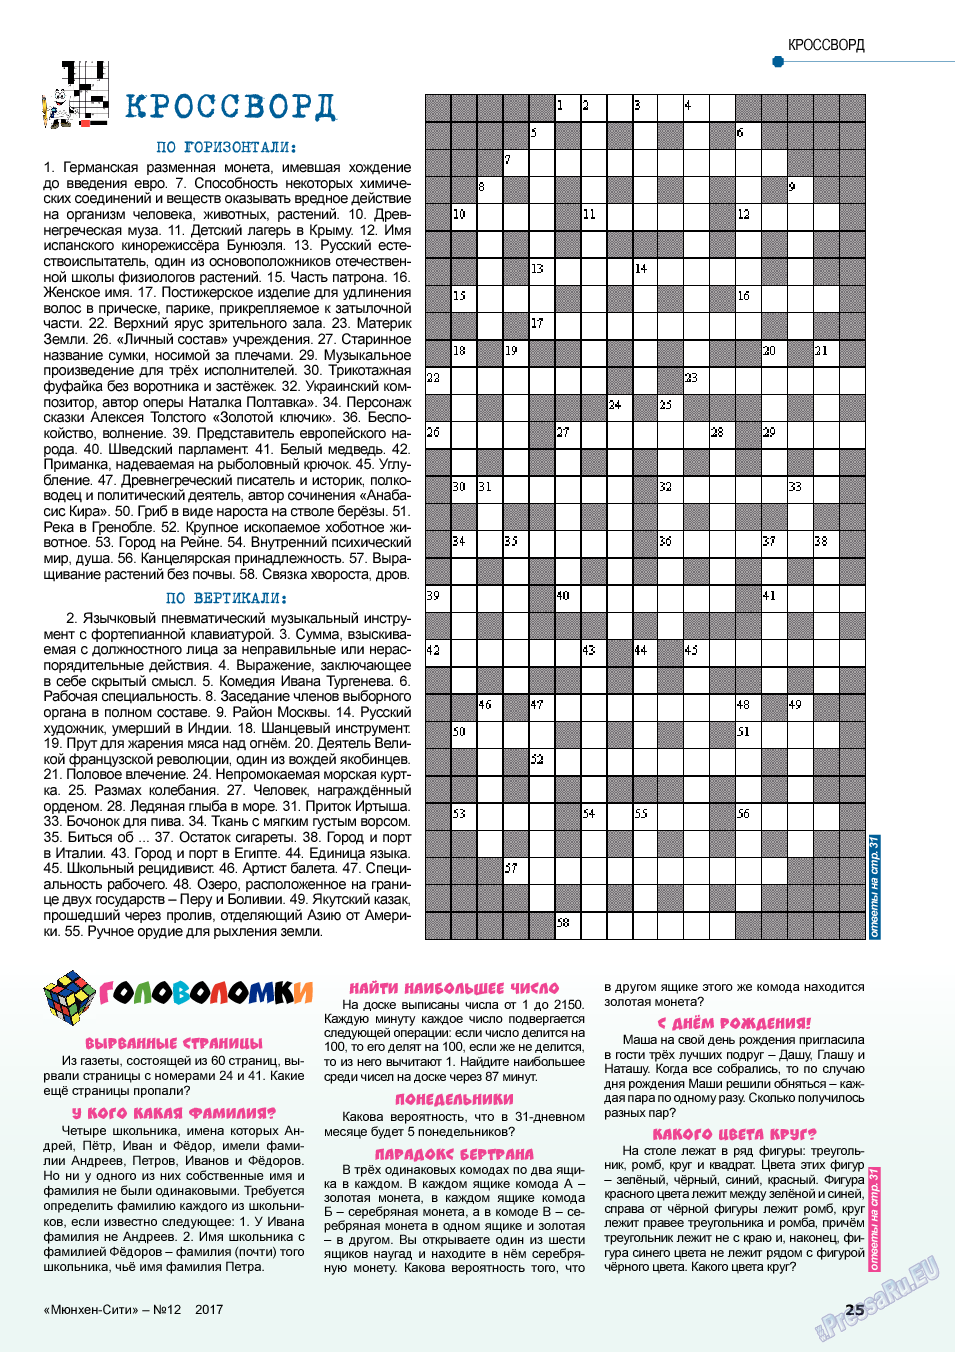 Мюнхен-сити (журнал). 2017 год, номер 12, стр. 25